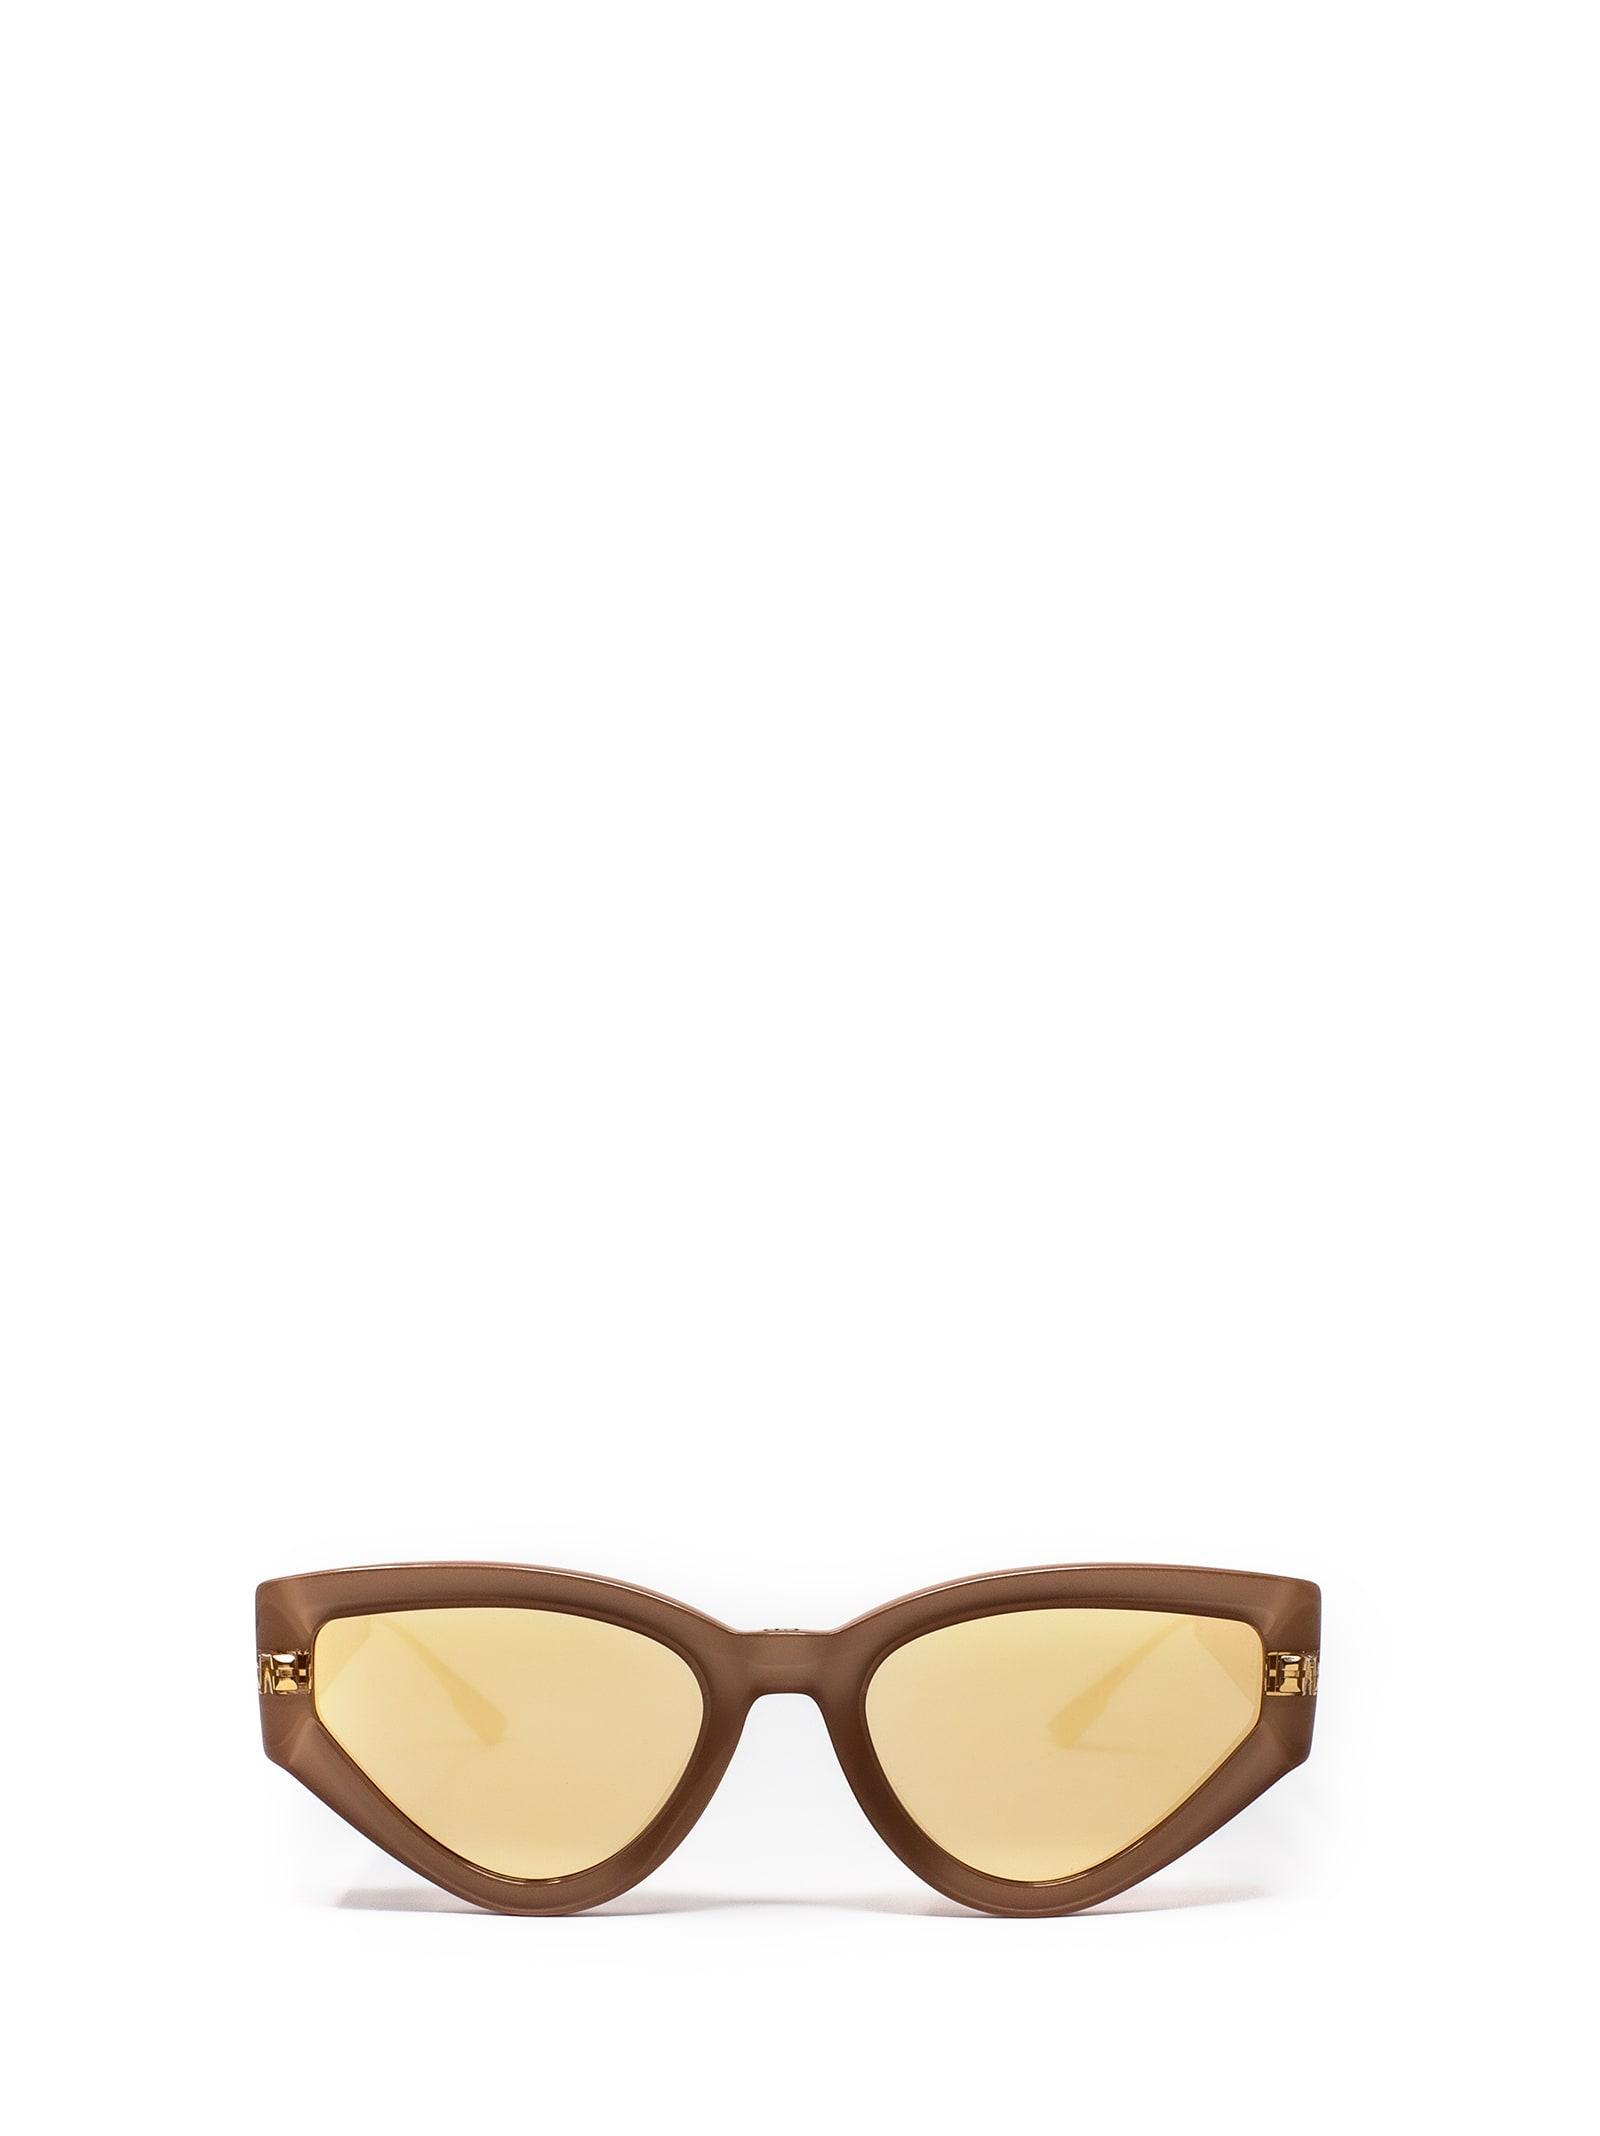 Dior Dior Catstyledior1 S45/sq Sunglasses